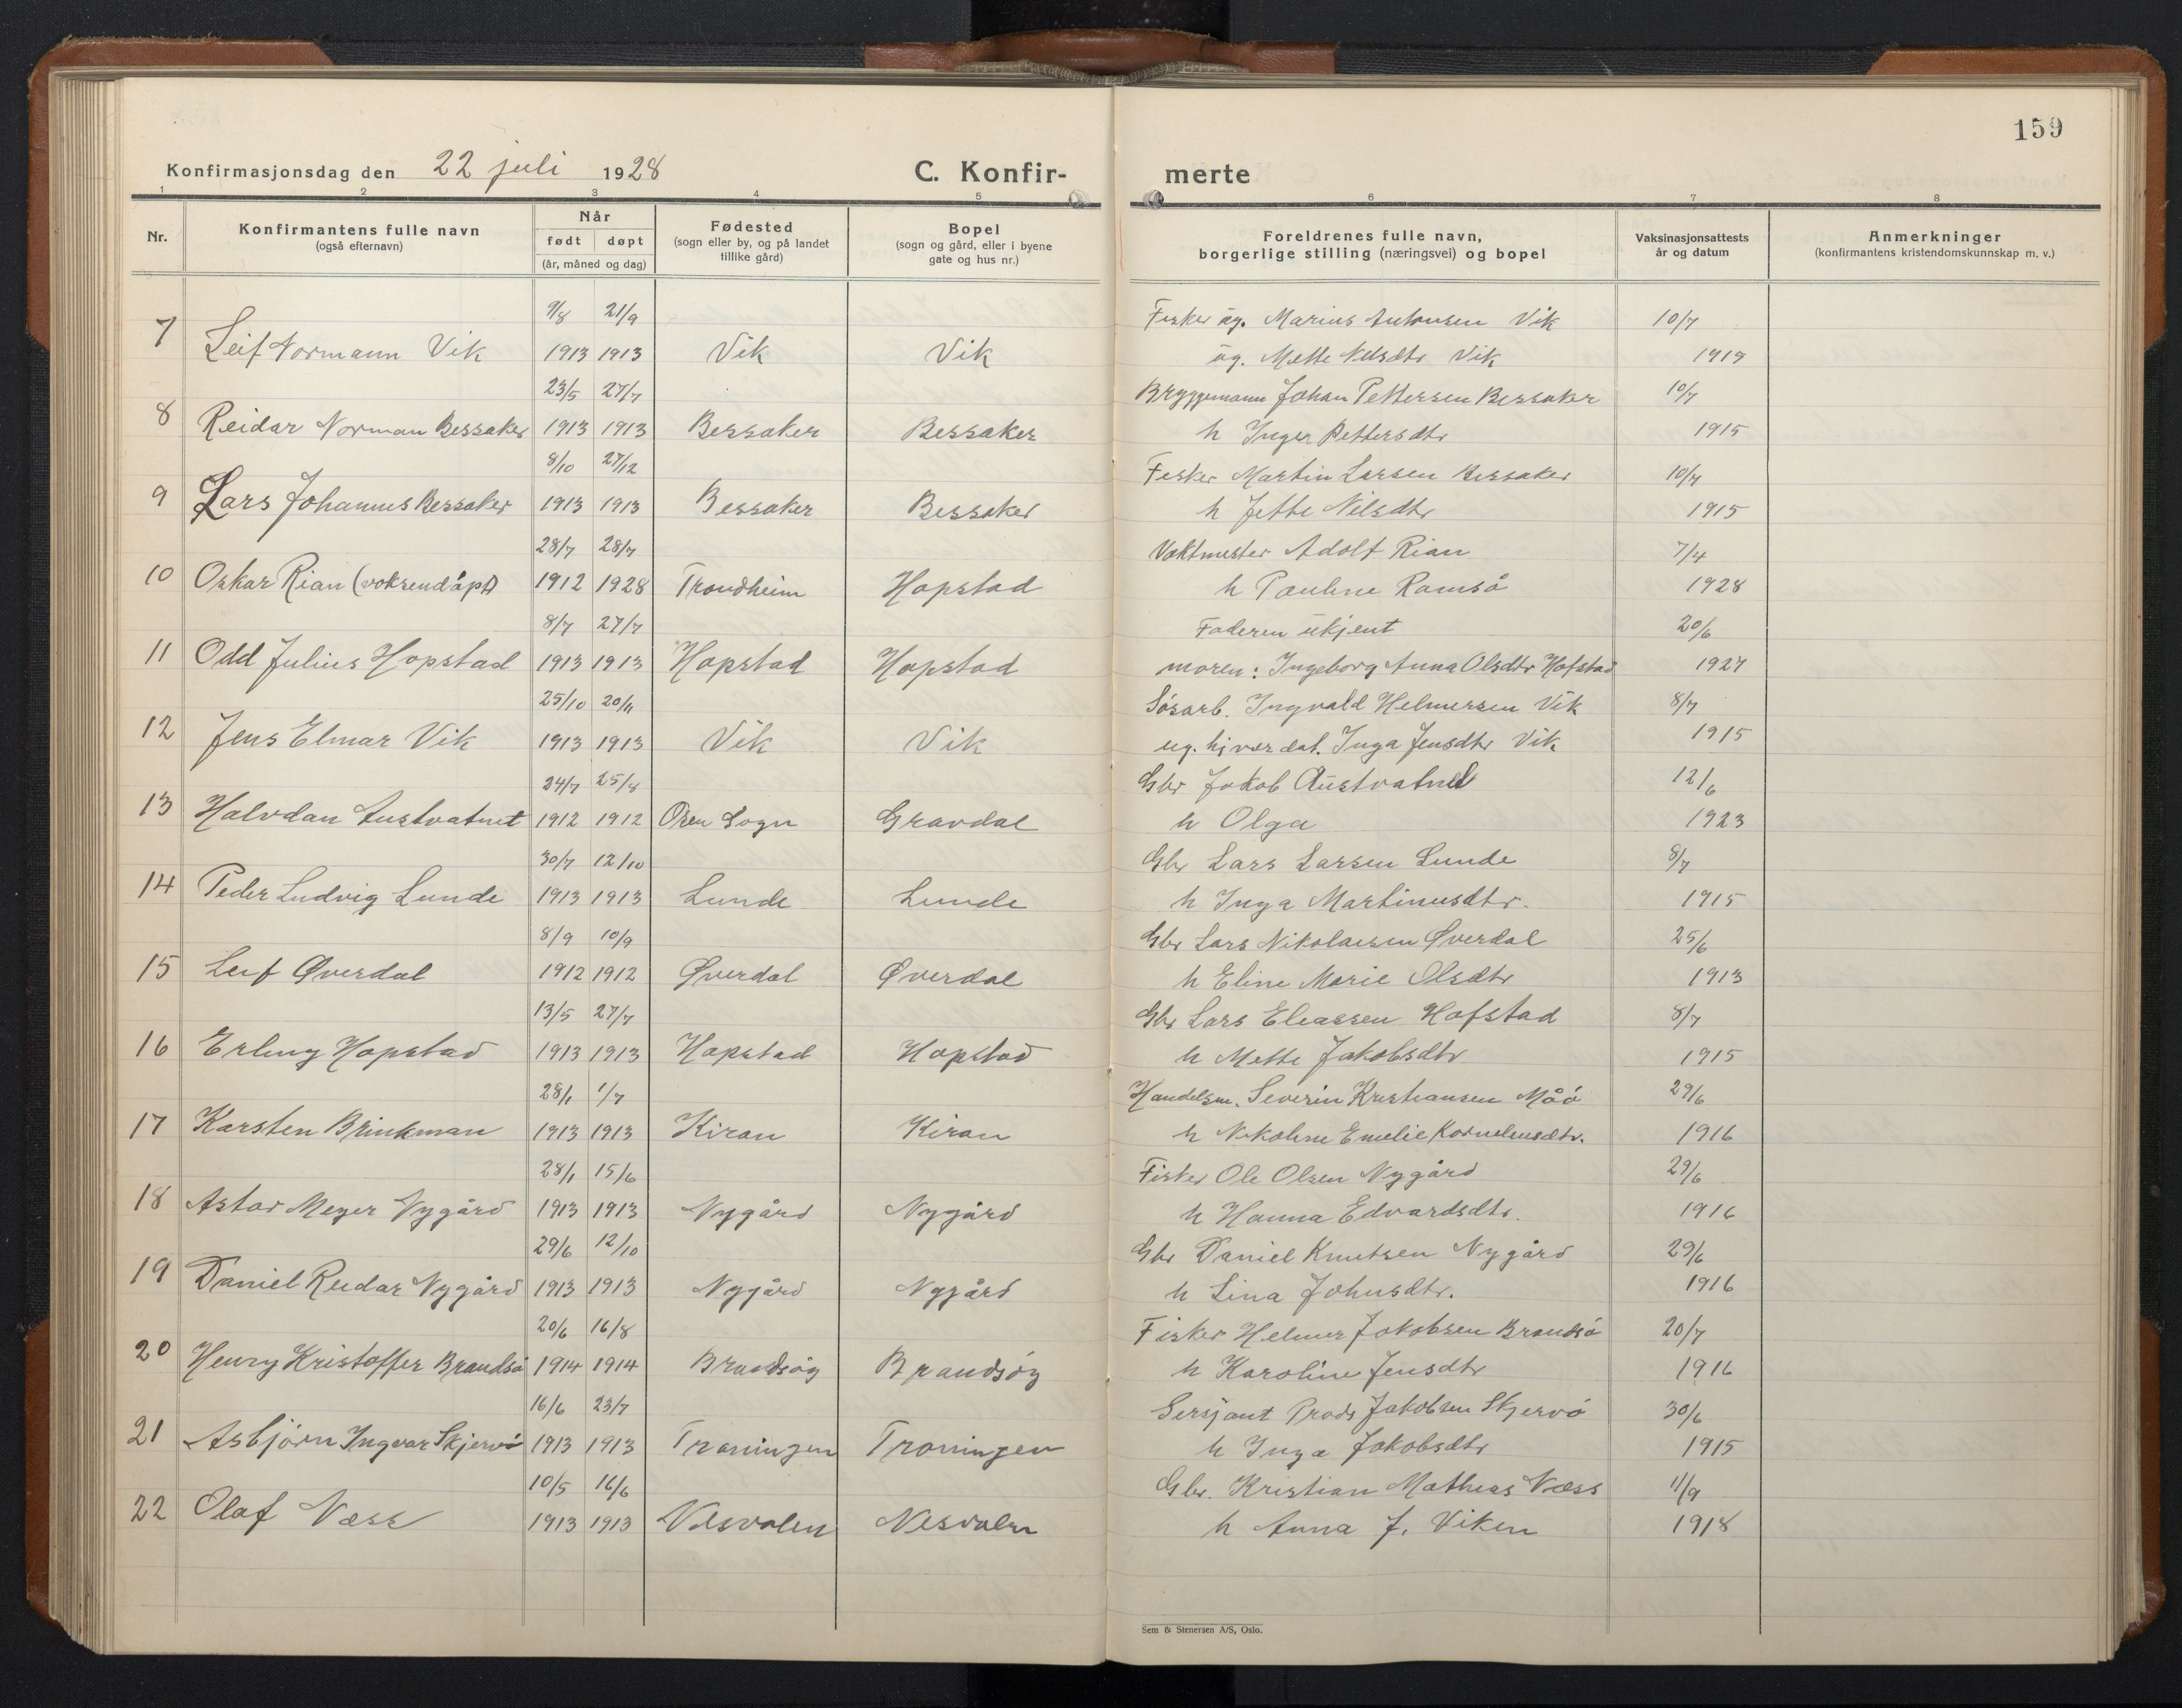 SAT, Ministerialprotokoller, klokkerbøker og fødselsregistre - Sør-Trøndelag, 657/L0718: Klokkerbok nr. 657C05, 1923-1948, s. 159